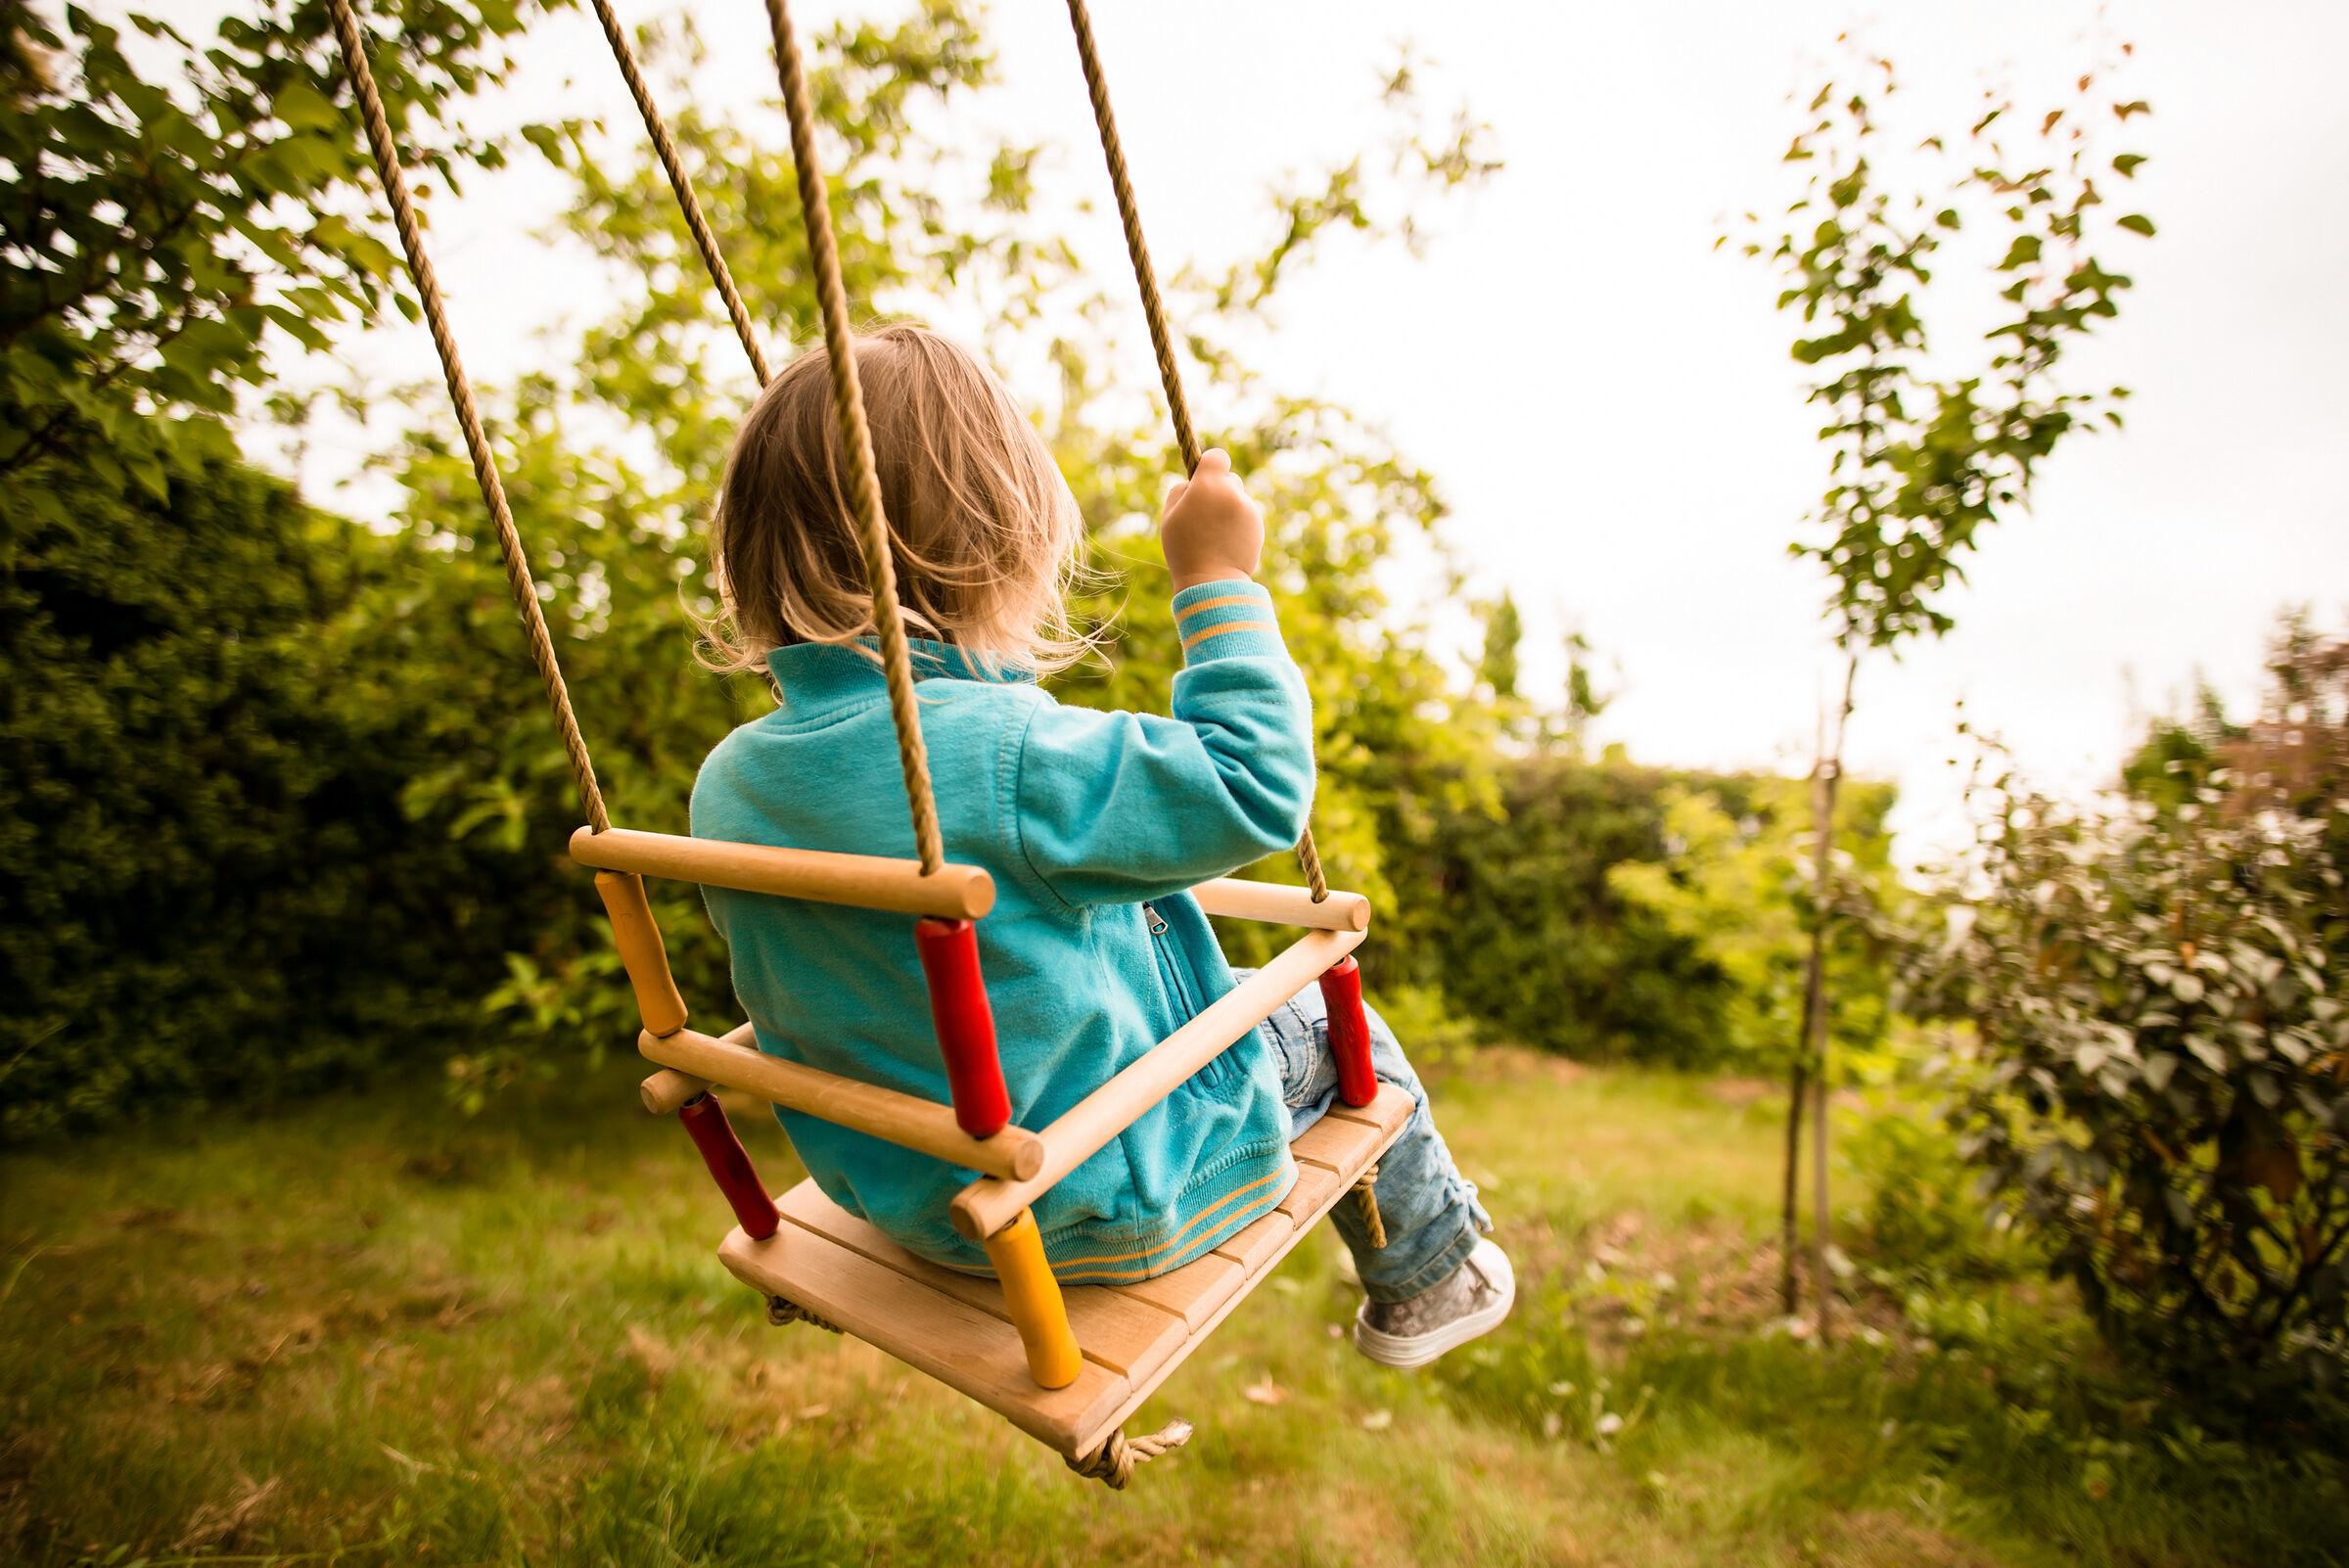 Criança sentada no balanço